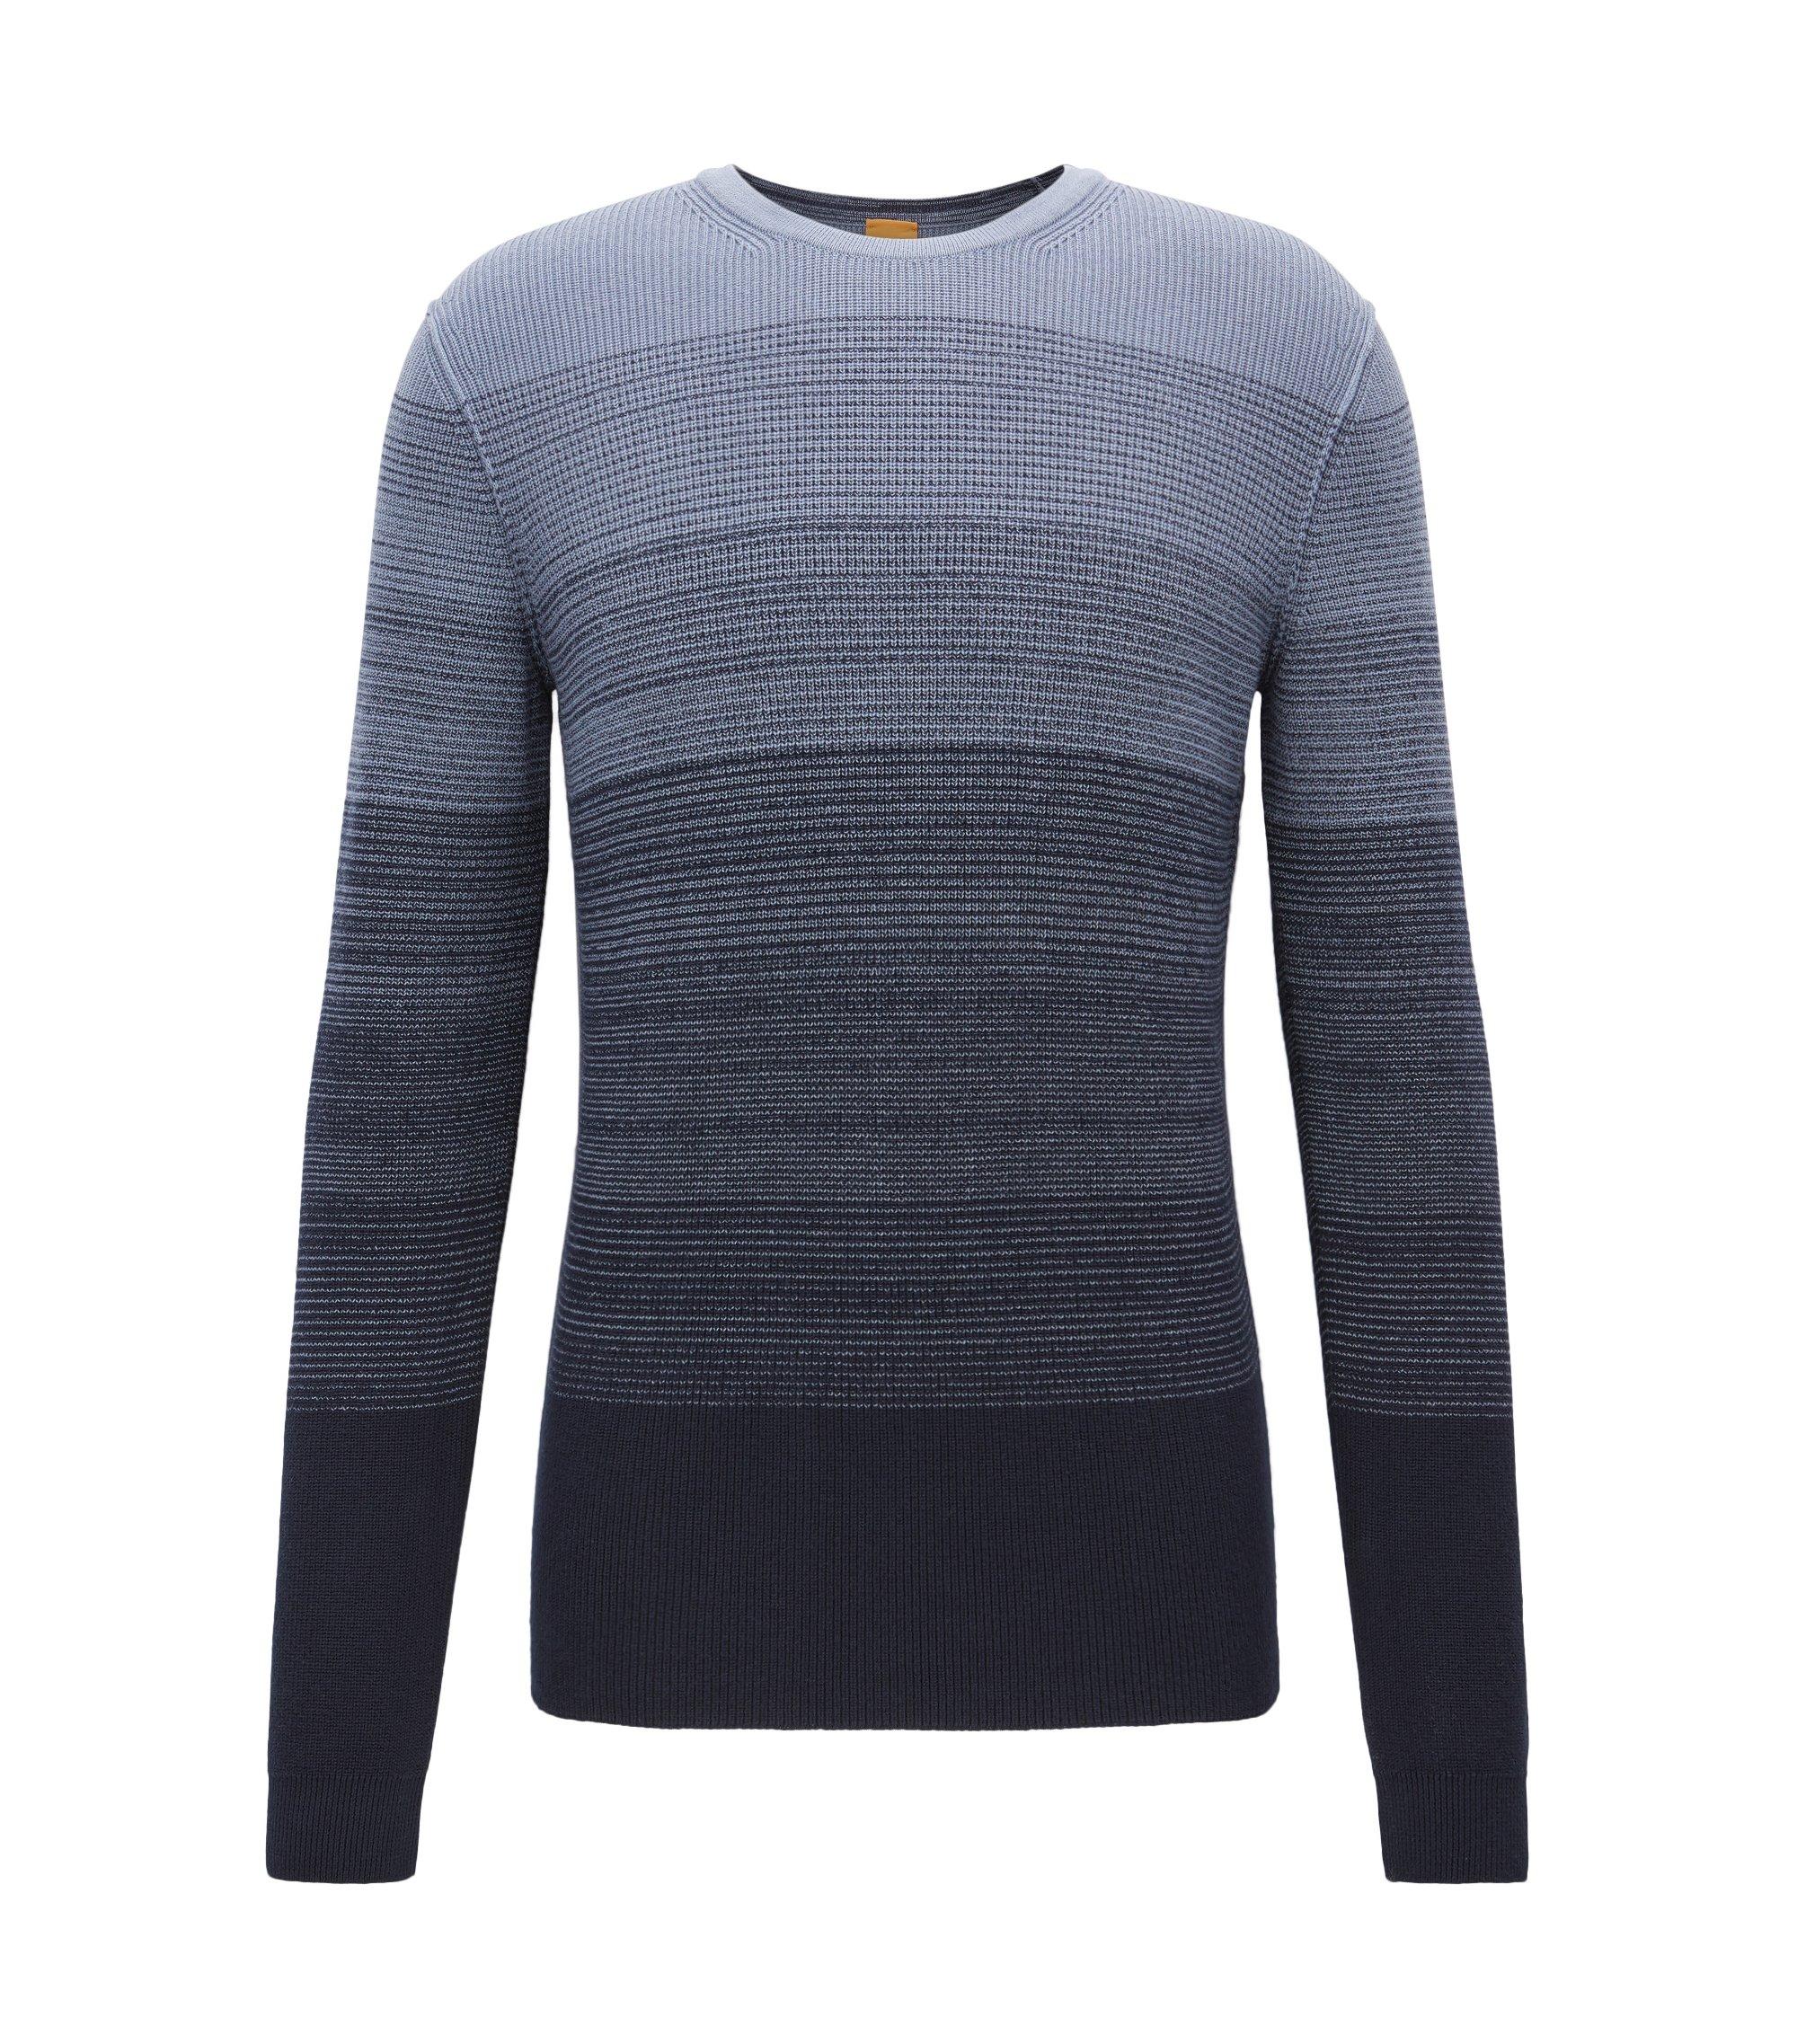 Katoenen trui met dégradé ribbeltextuur, Donkerblauw